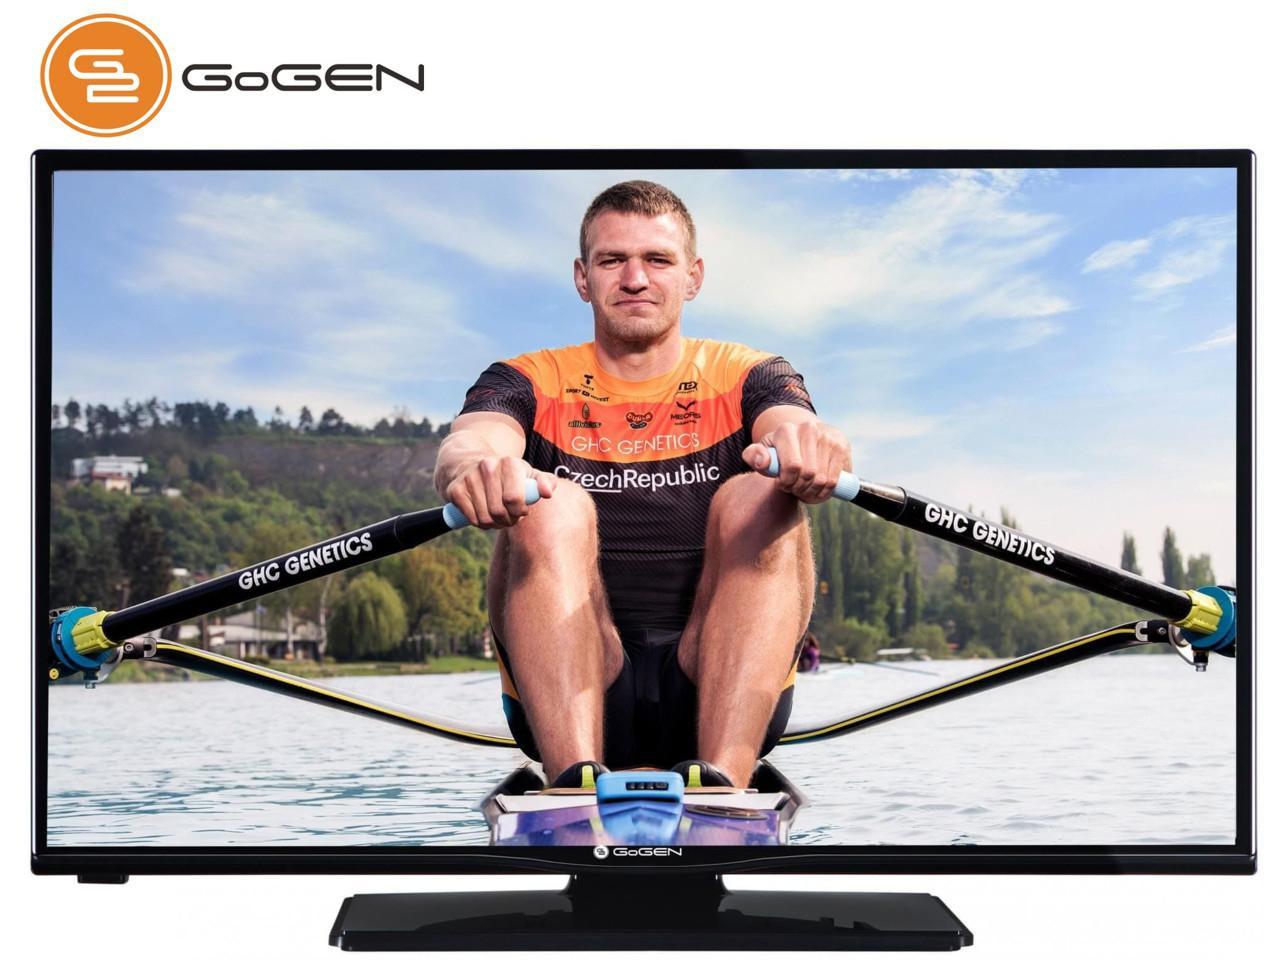 GoGEN TVH 32R360 STWEB + 40 měsíců záruka po registraci! + 200 Kč na dárky nebo další nákup | CHAT on-line podpora PO-PÁ 8-22.00!!